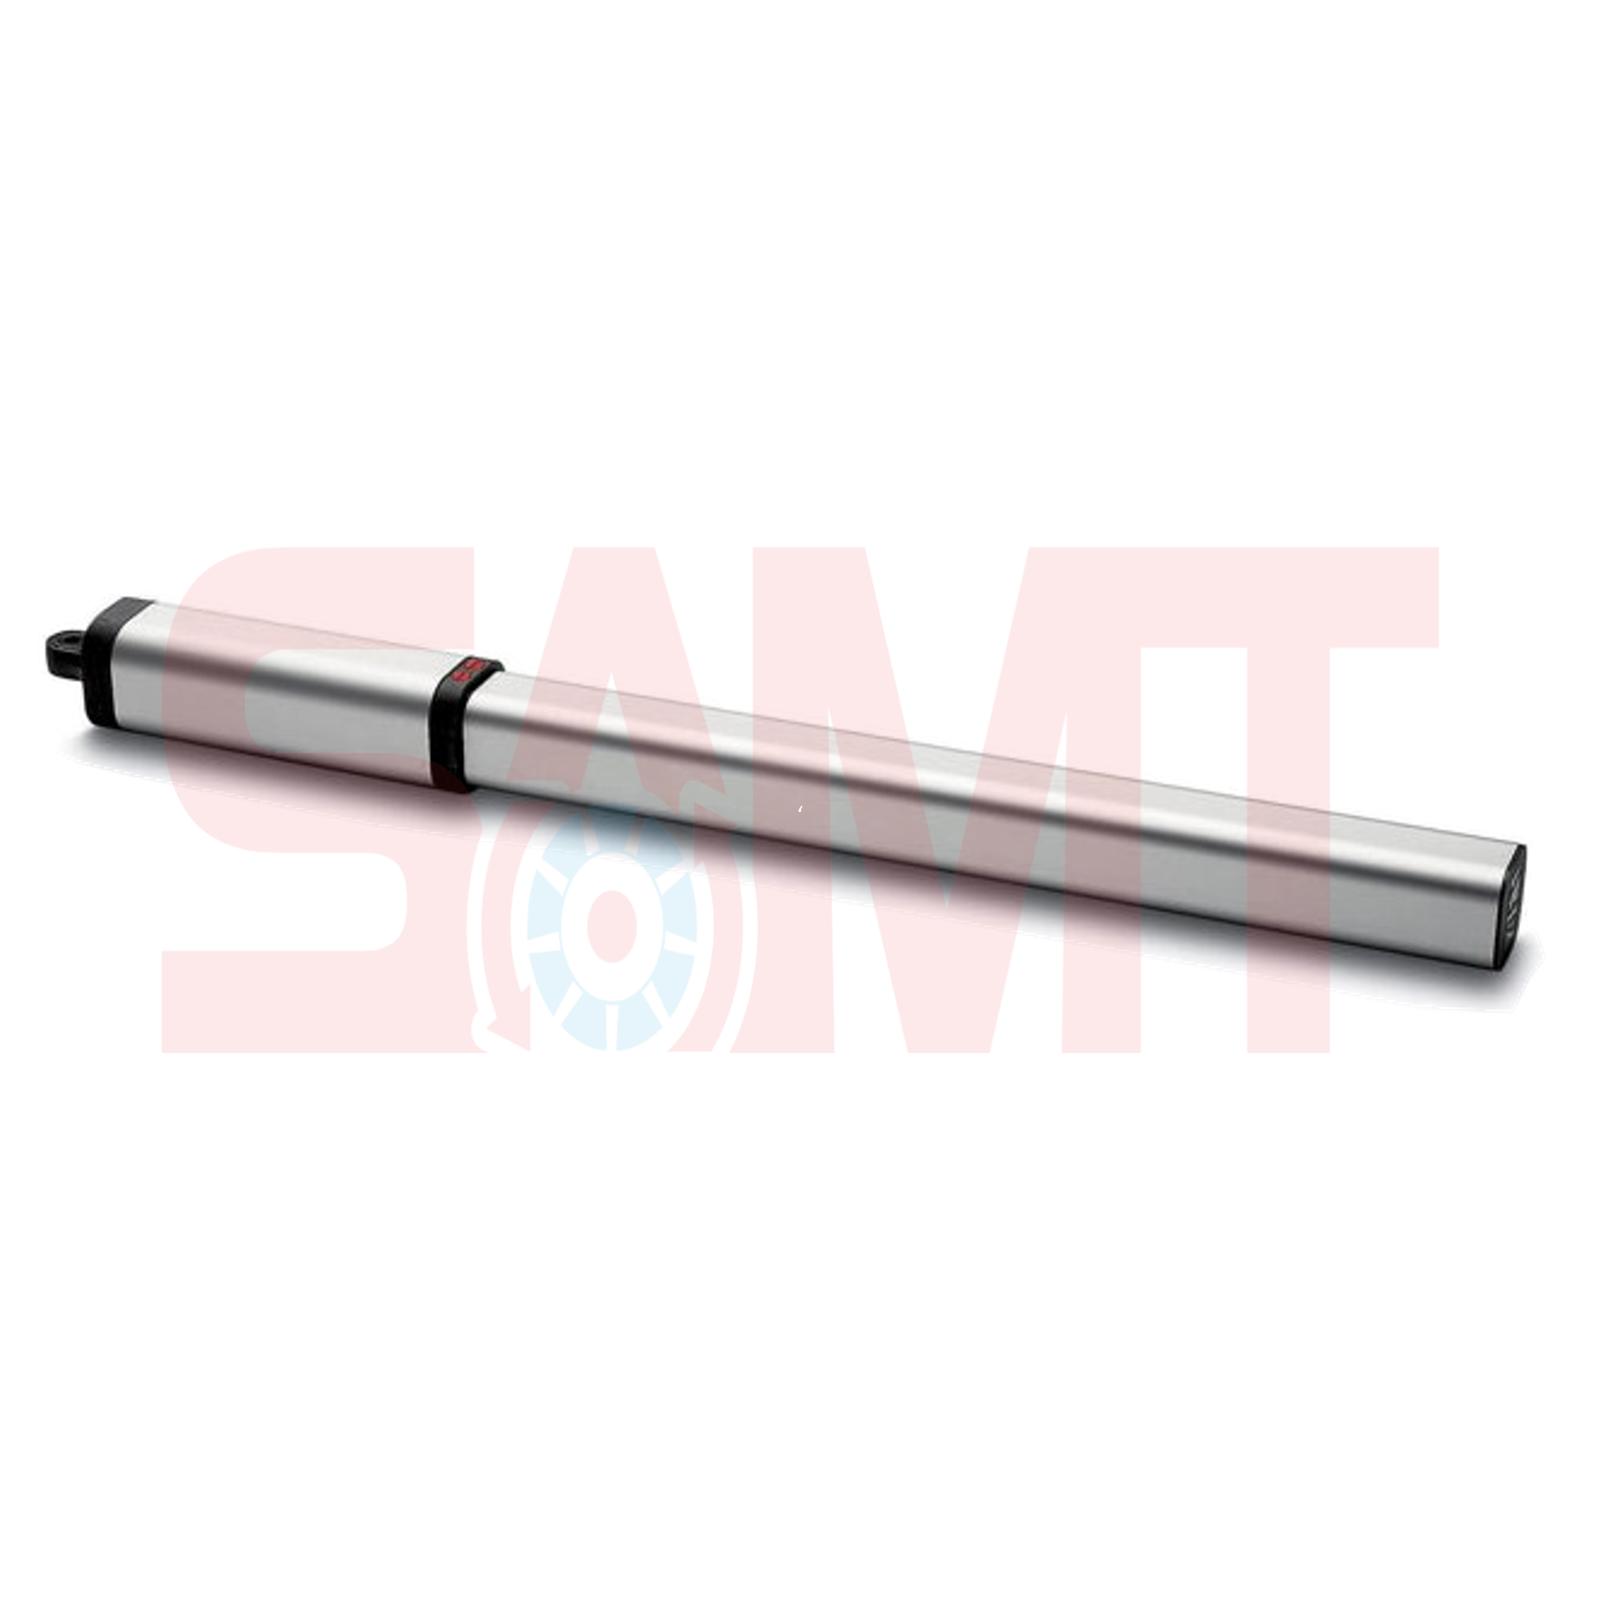 Bft Lux 2b Single Leaf Hydraulic Swing Gate Opener